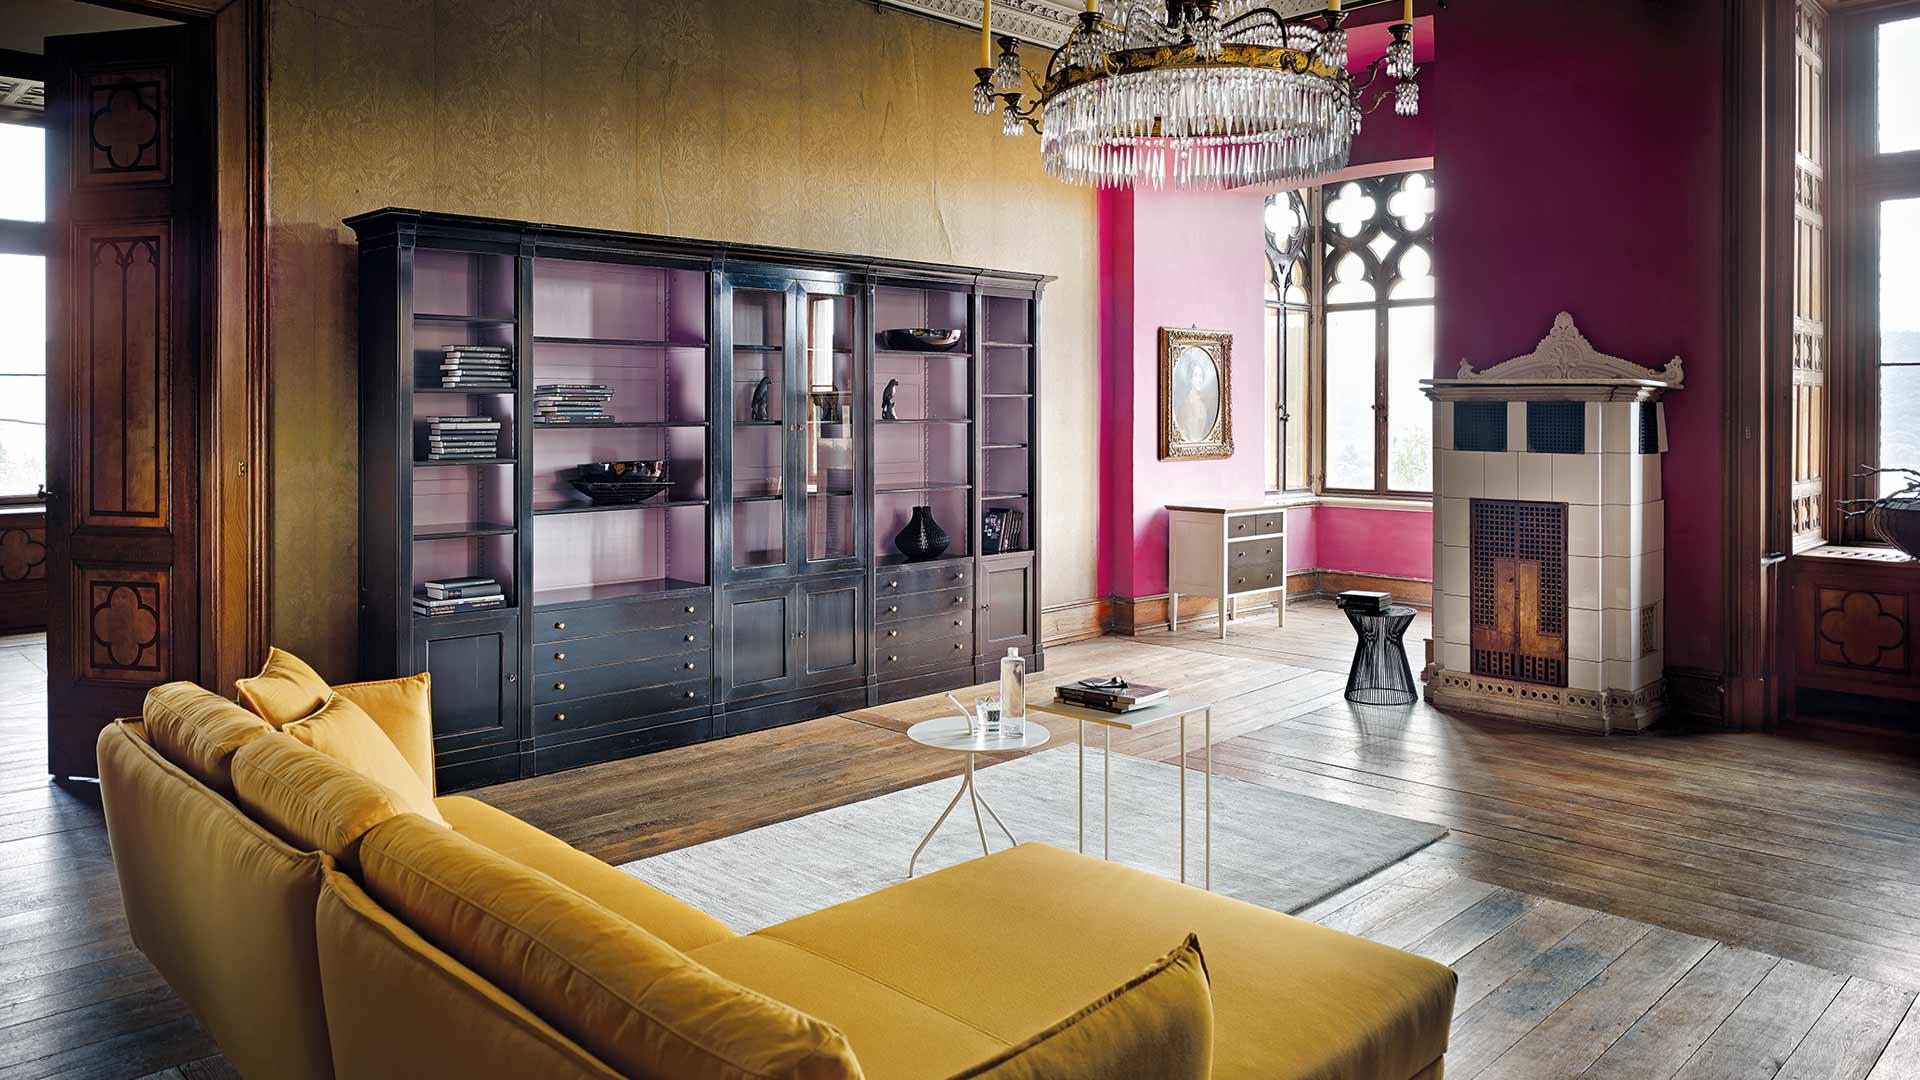 contur 3200 von contur einrichtungen in weidenstetten nahe ulm einrichtungshaus m bel stadel. Black Bedroom Furniture Sets. Home Design Ideas